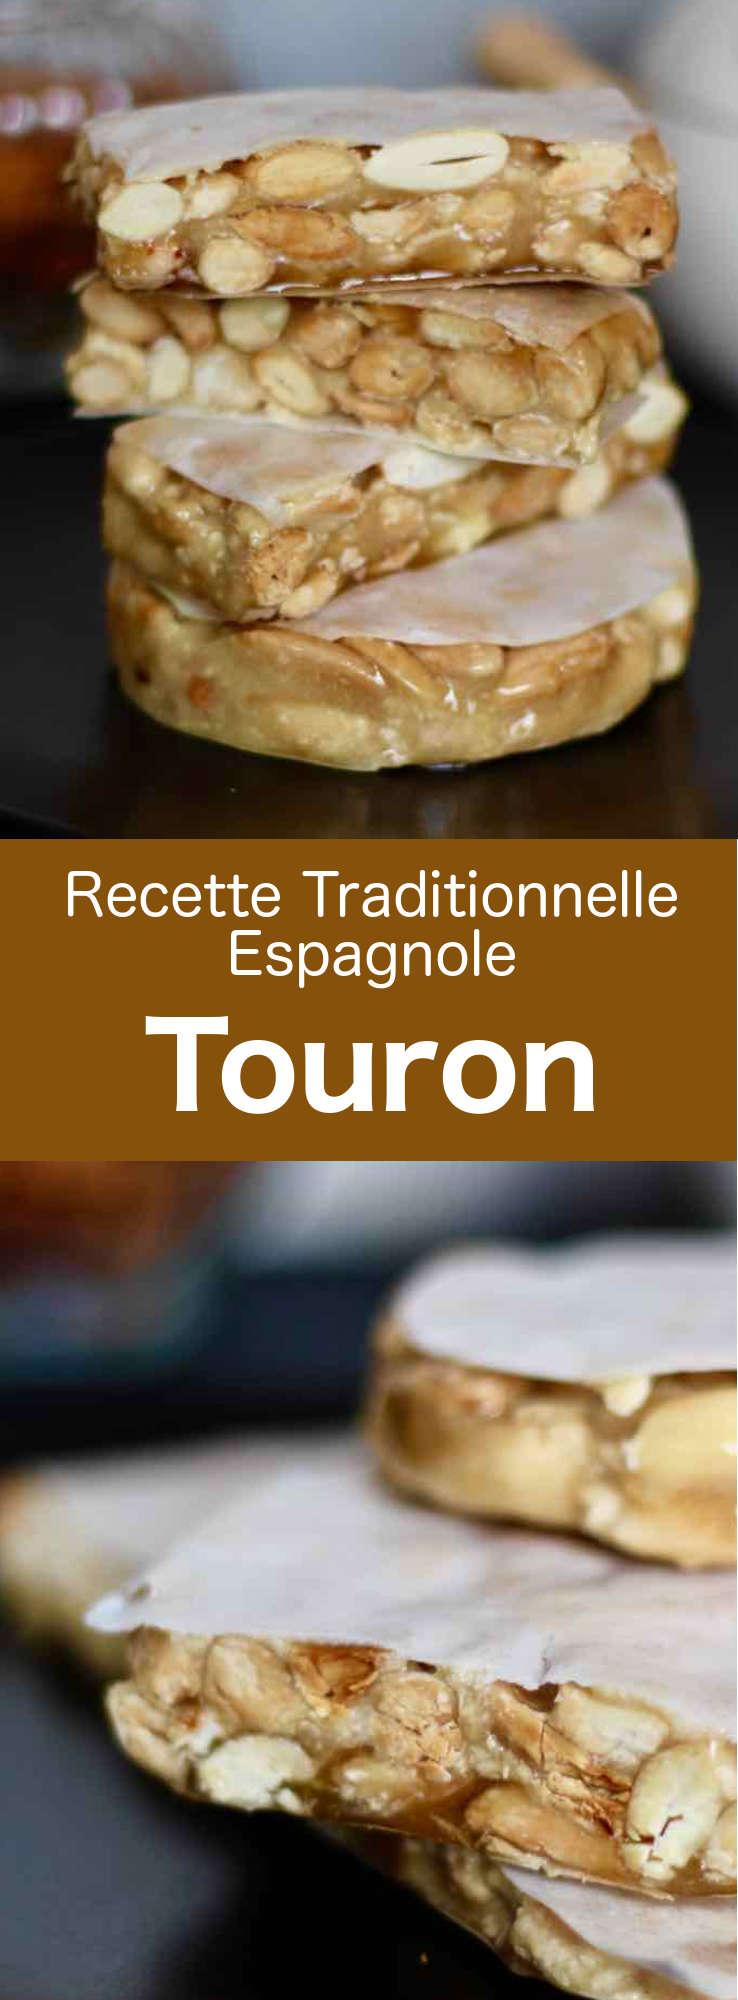 Le touron (ou turrón) ou nougat espagnol, est le résultat d'un savant mélange de miel, de sucre, de blanc d'œuf, et d'amandes ou de noisettes. #Espagne #CuisineEspagnole #RecetteEspagnole #CuisineDuMonde #196flavors